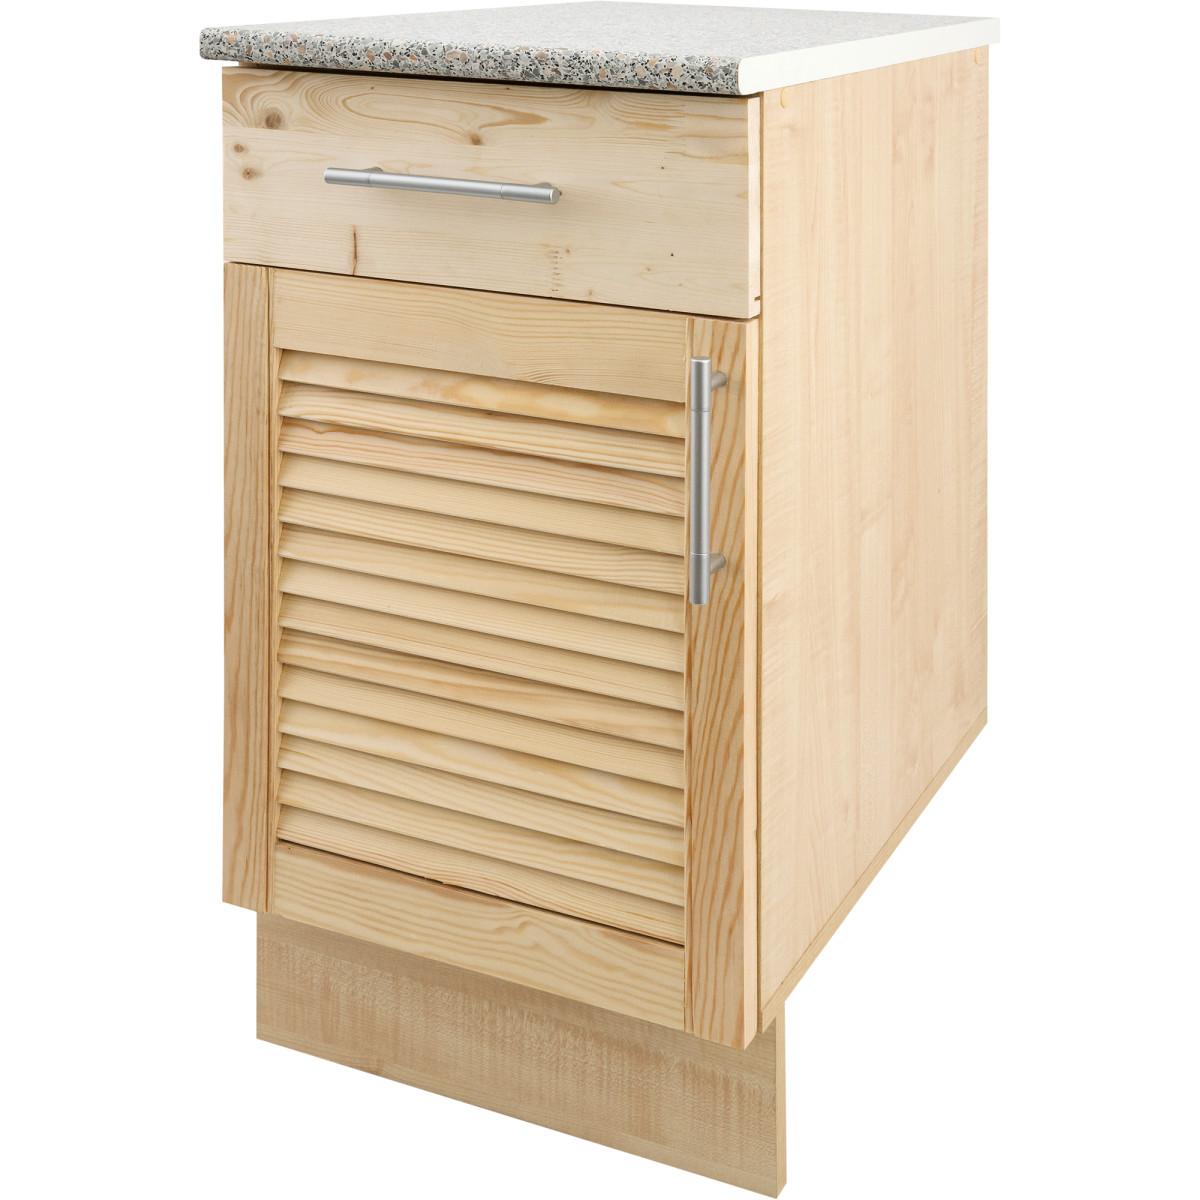 Шкаф напольный с 1 ящиком Сосна массив 40x86x60 см ЛДСП цвет бежевый